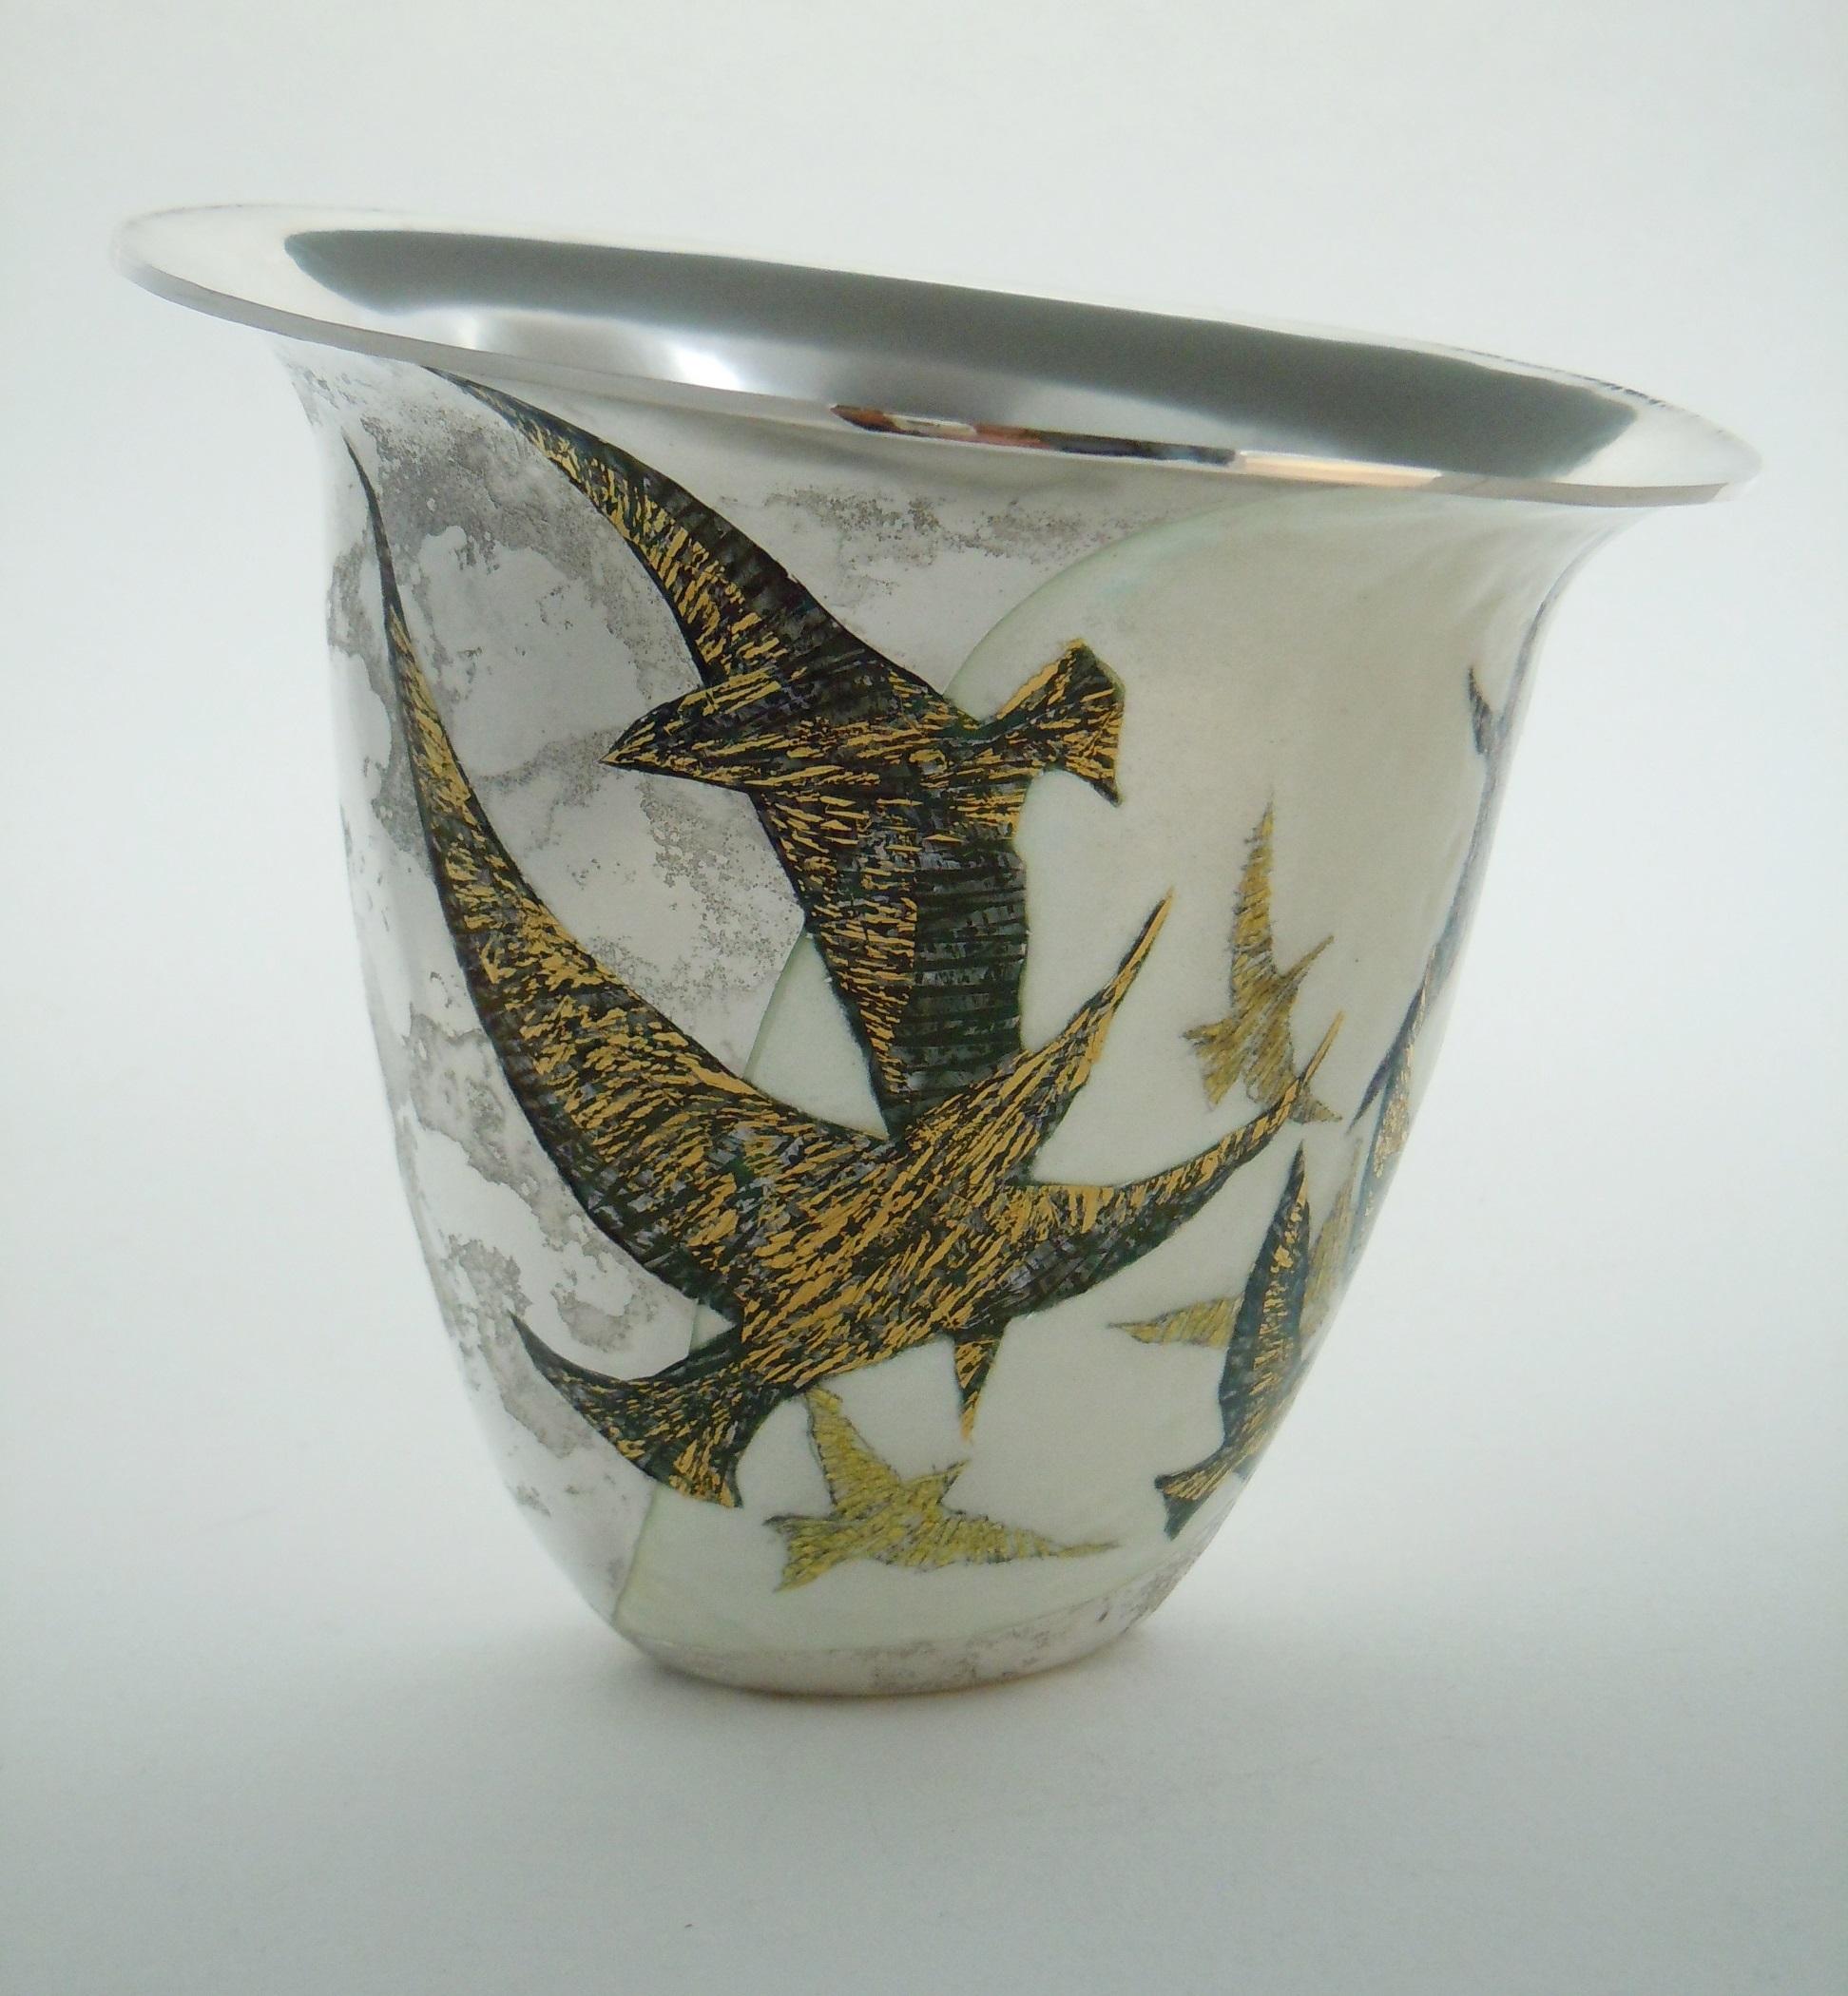 Shetland Vase